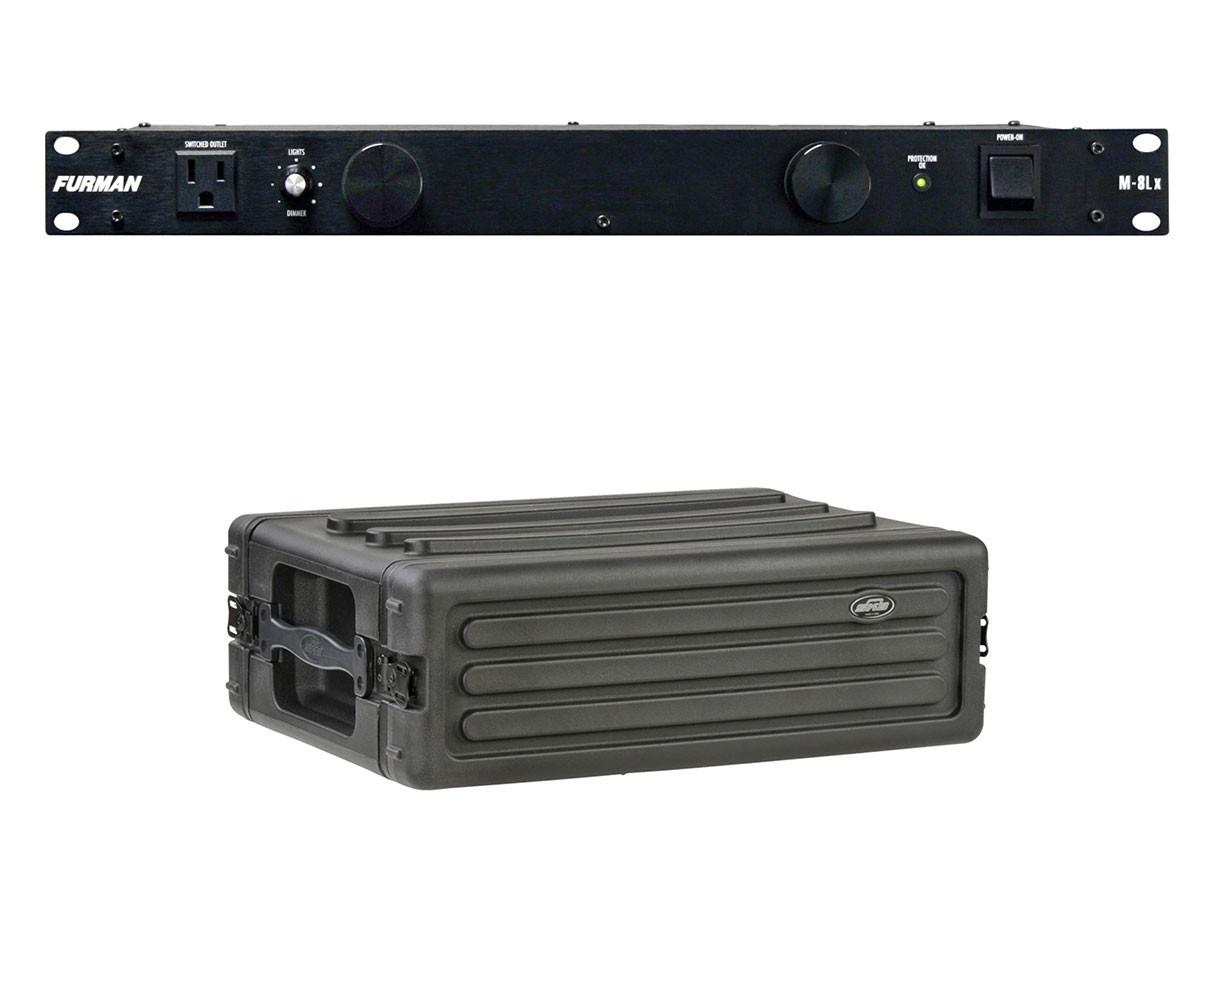 Furman M-8Lx + SKB 1SKB-R3S